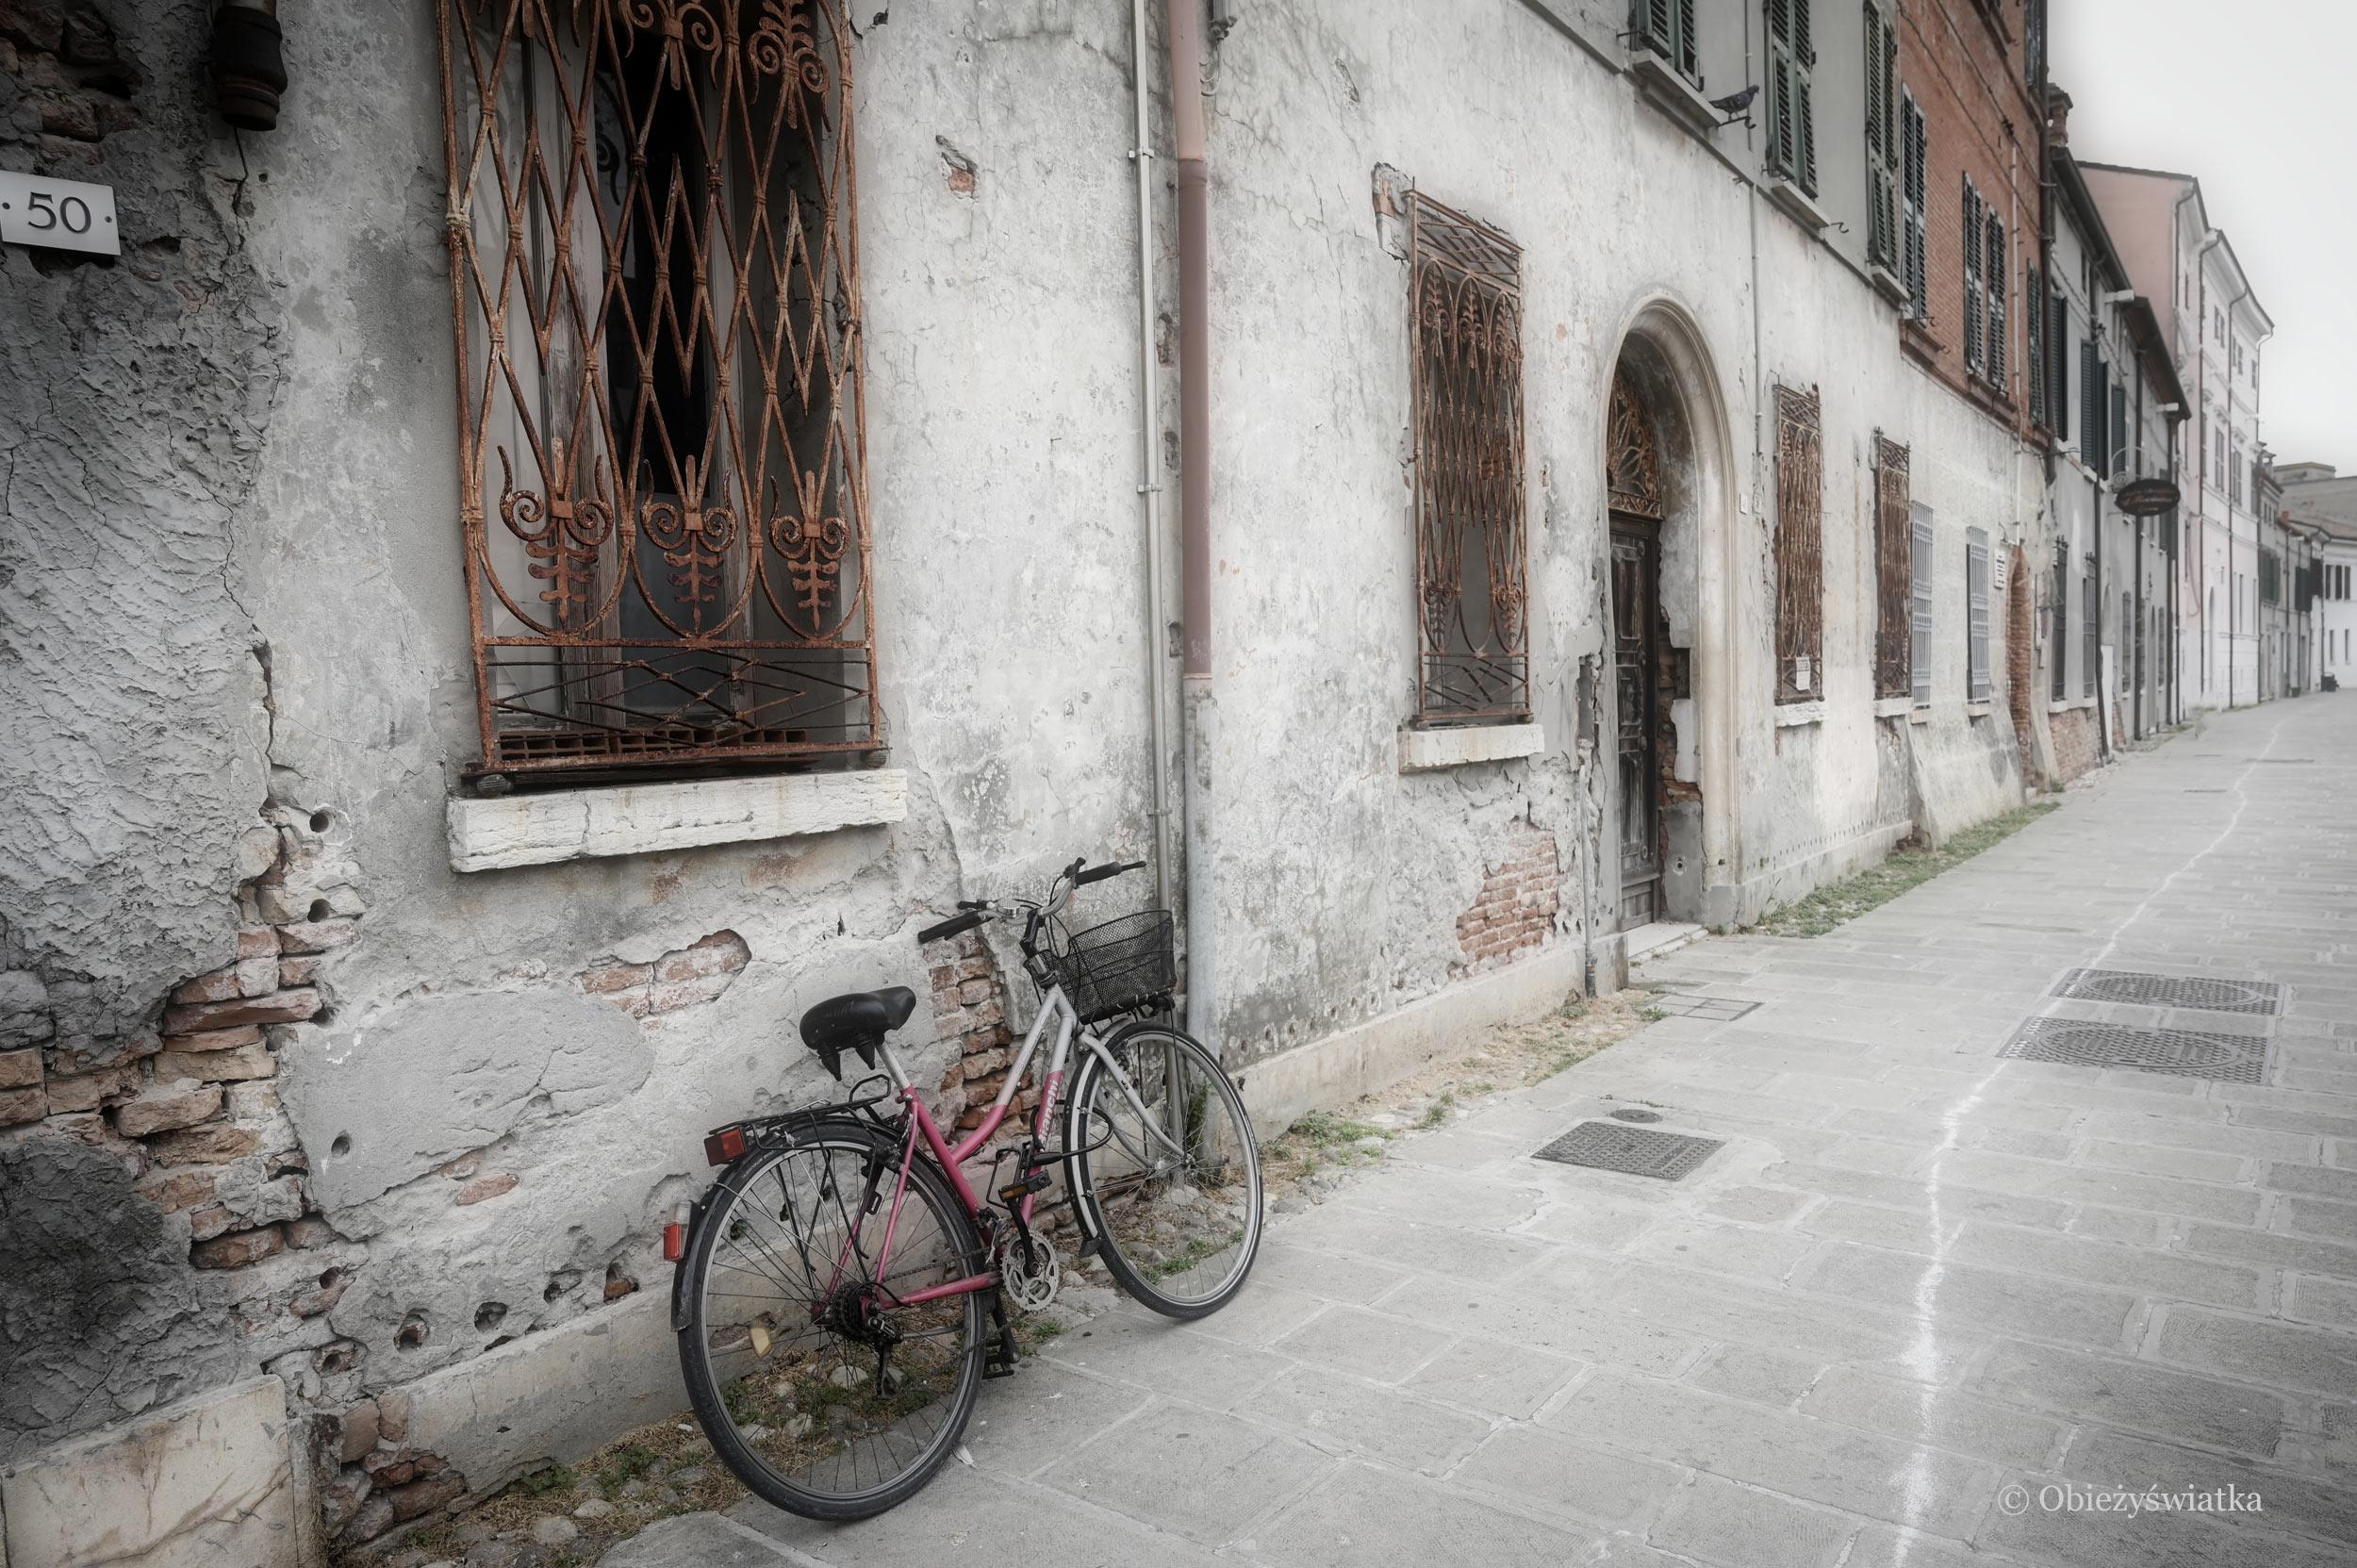 Na uliczkach Comacchio...